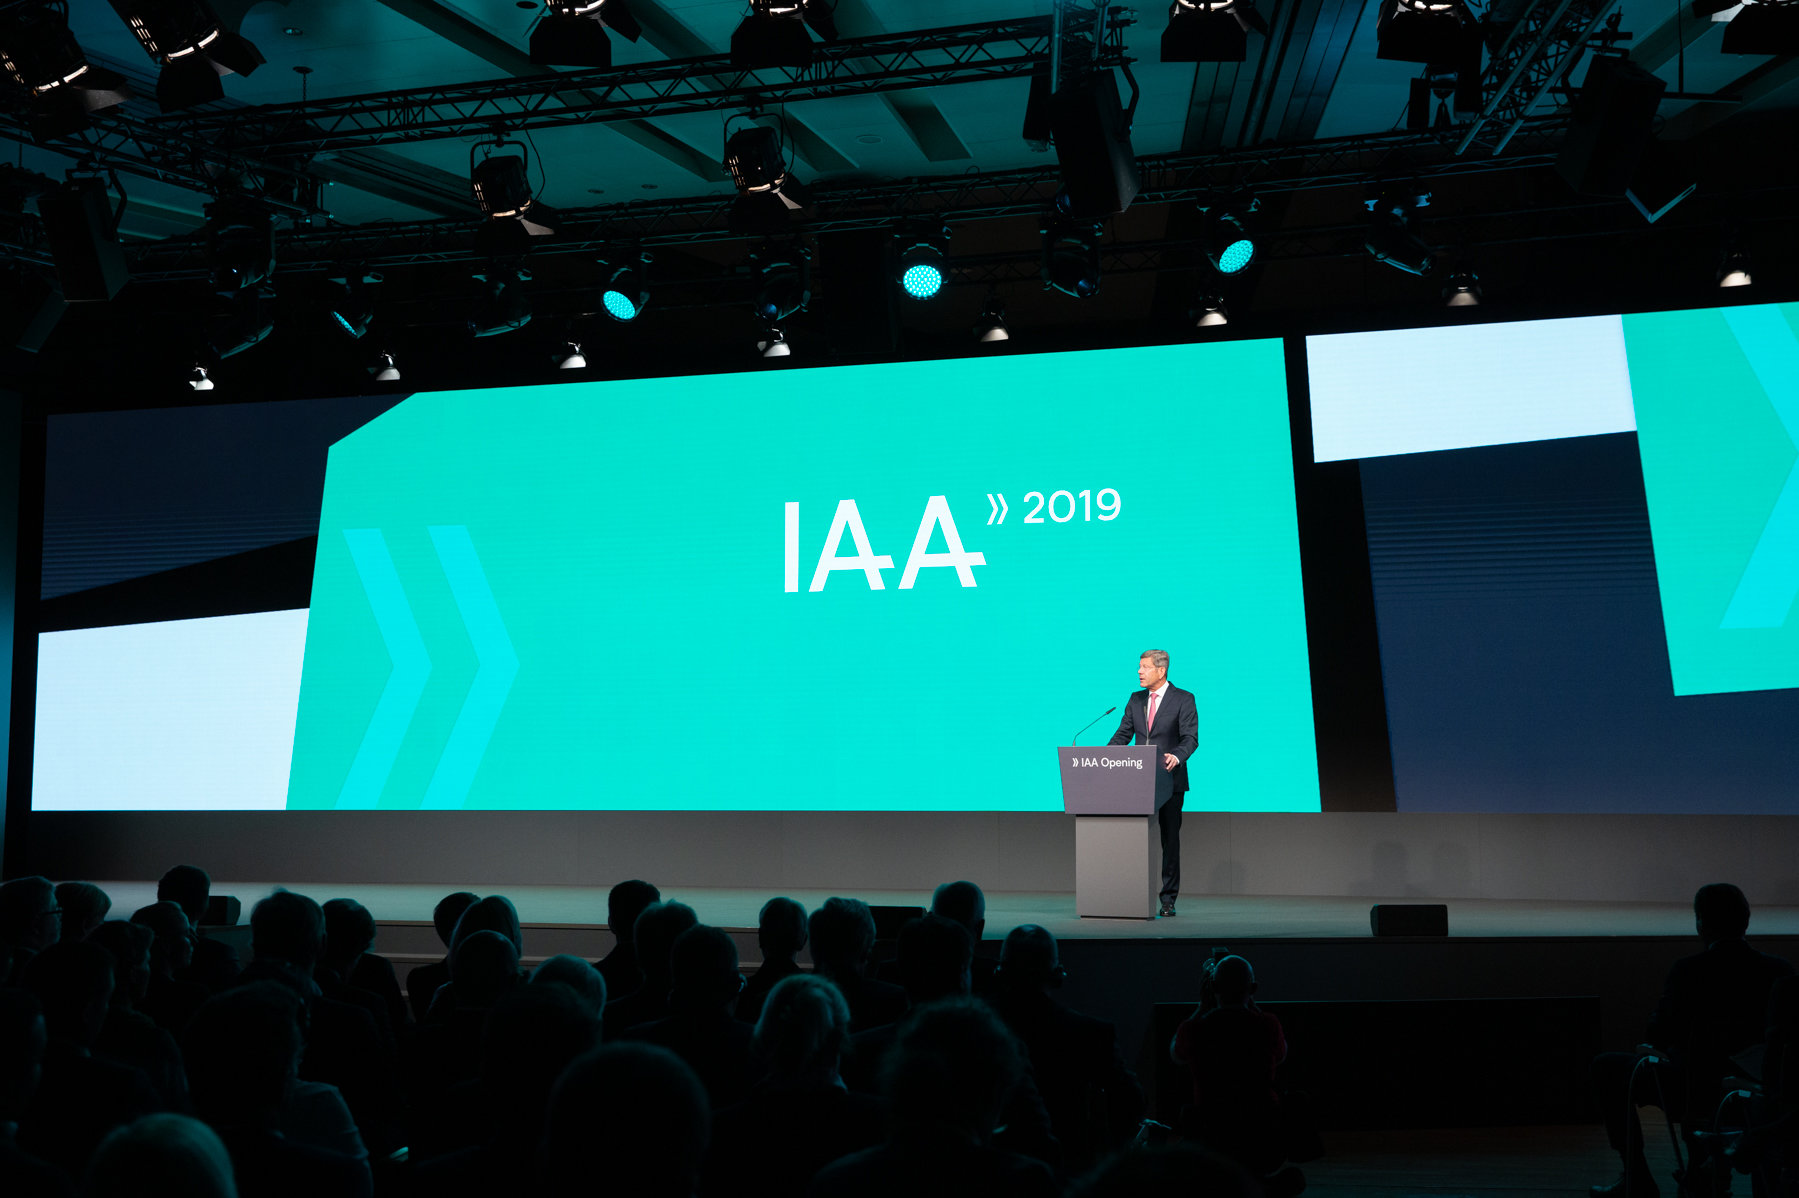 Salone di Francoforte IAA 2019